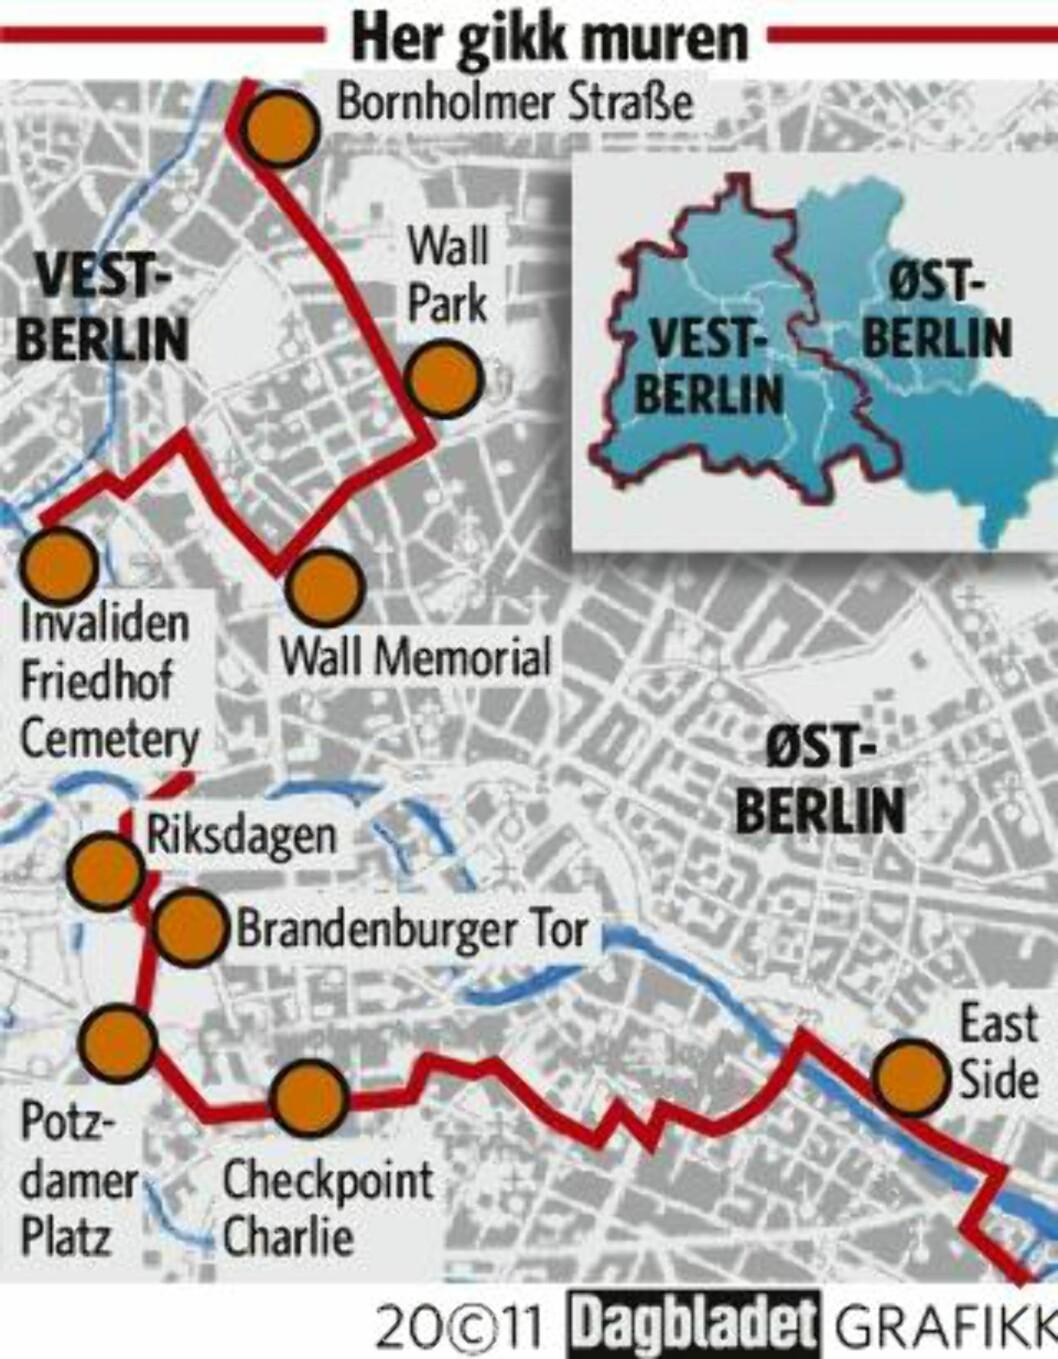 HER GIKK BERLIN-MUREN Grafikk: KJELL ERIK BERG